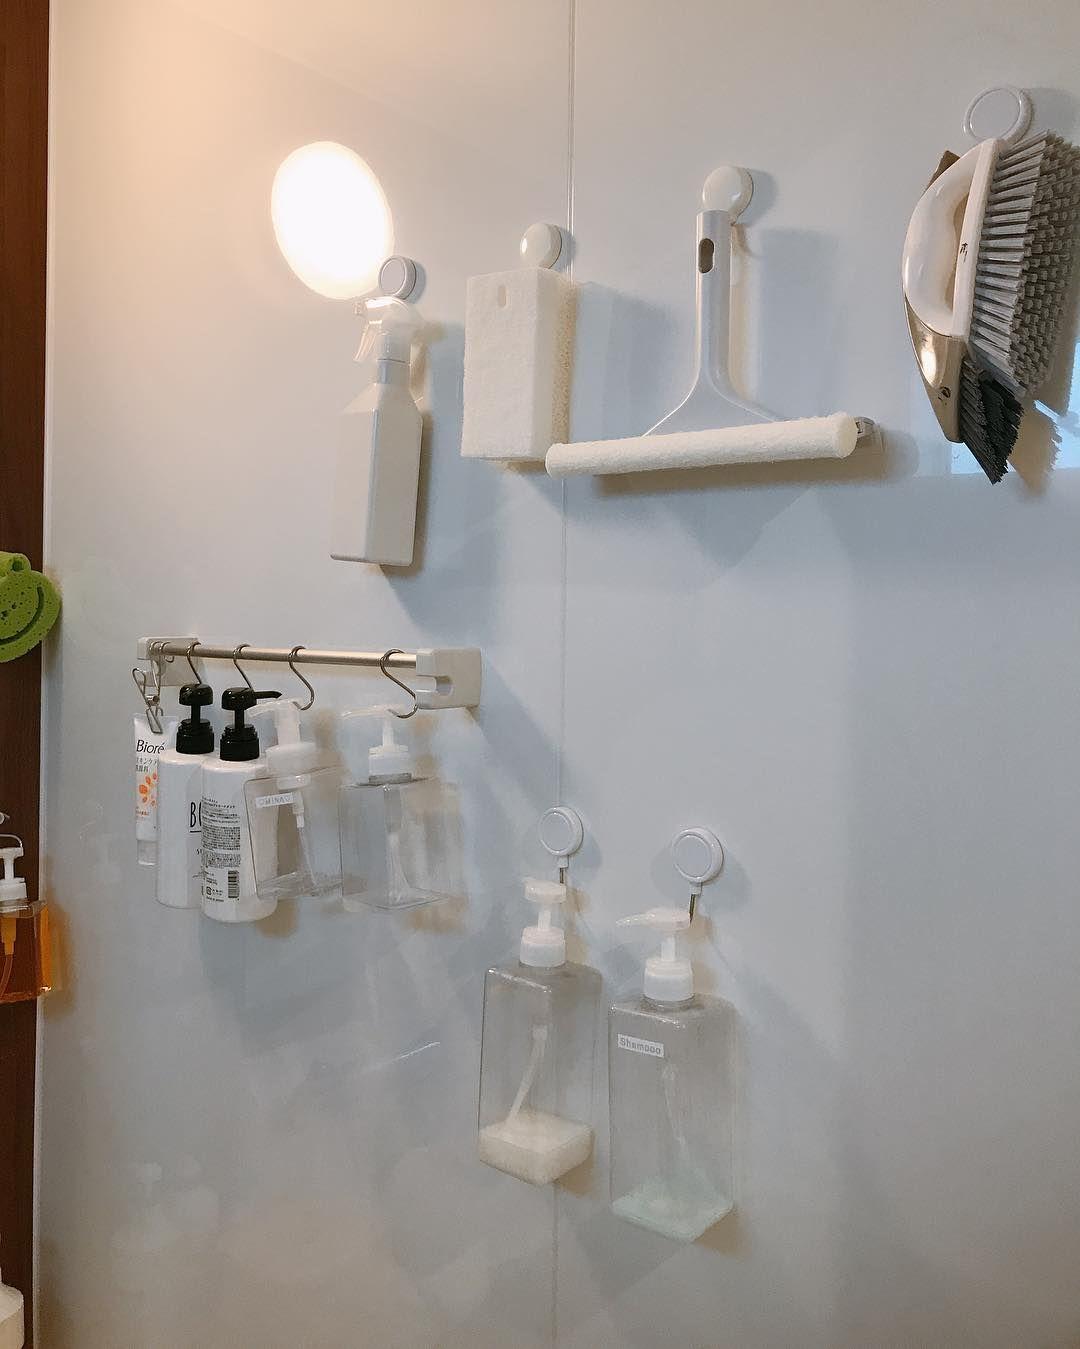 これはスゴイッ 100均の 超強力マグネット の使い道アイデア 浴室